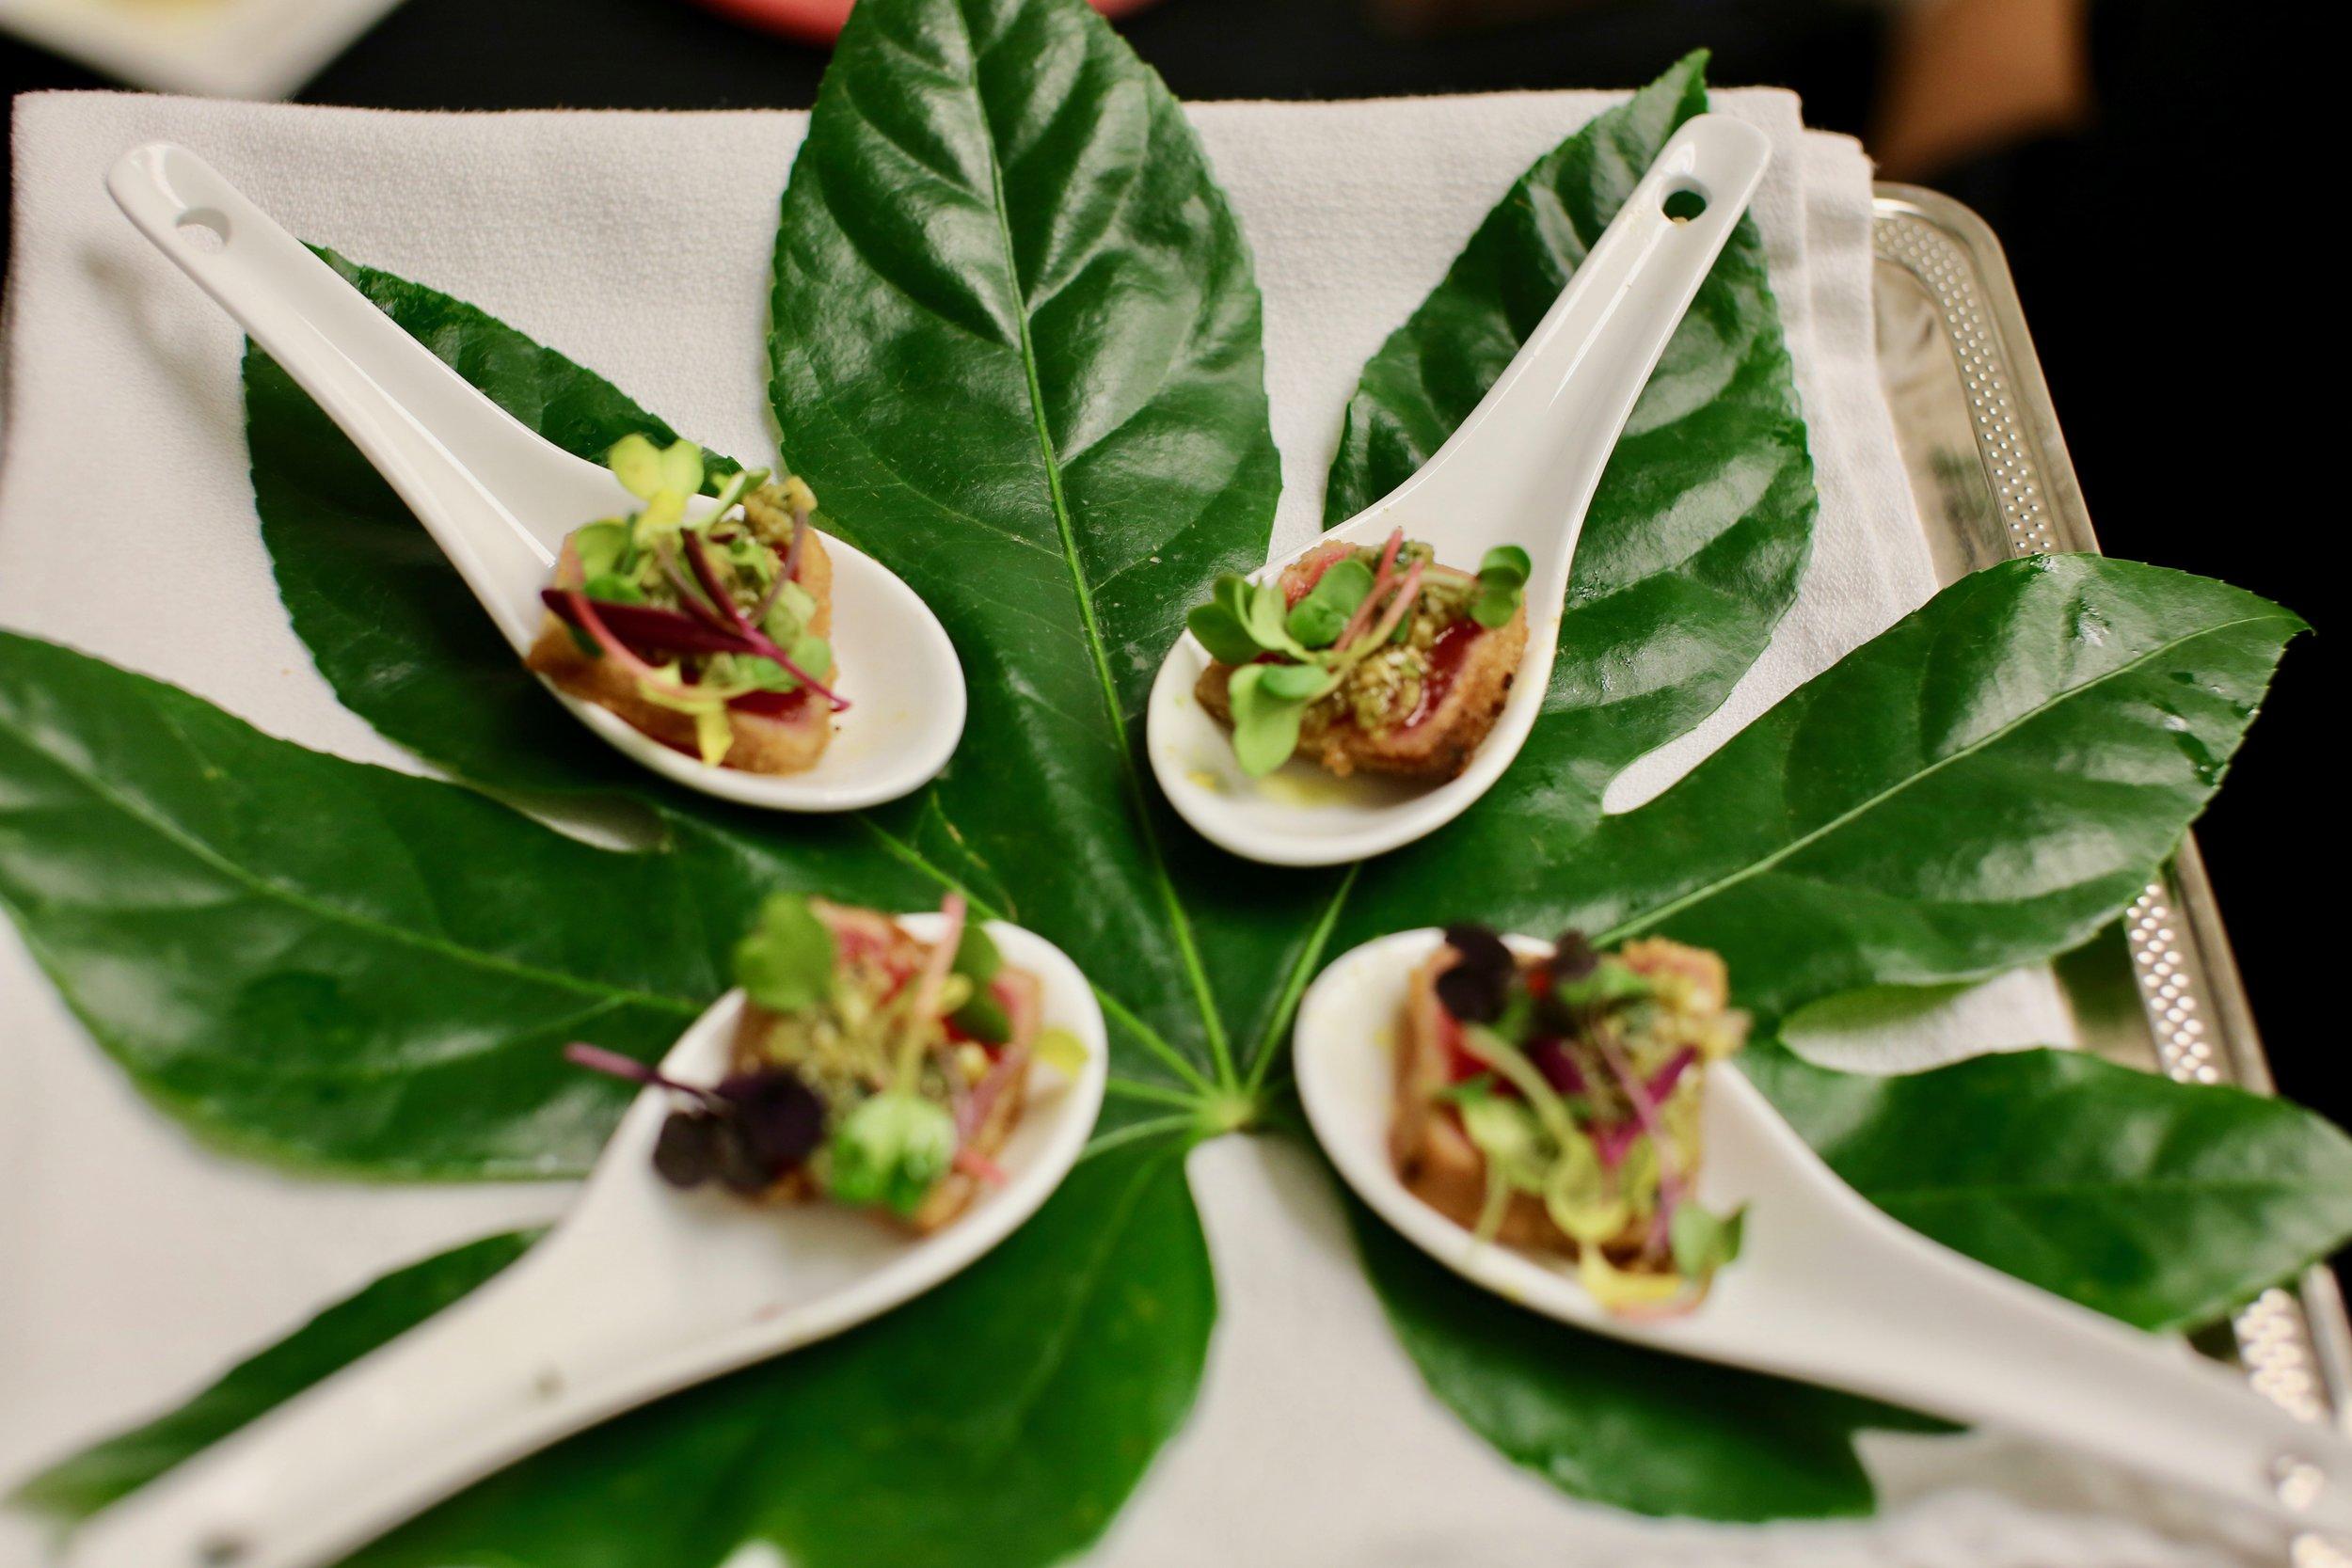 Tuna on Leaf.jpg